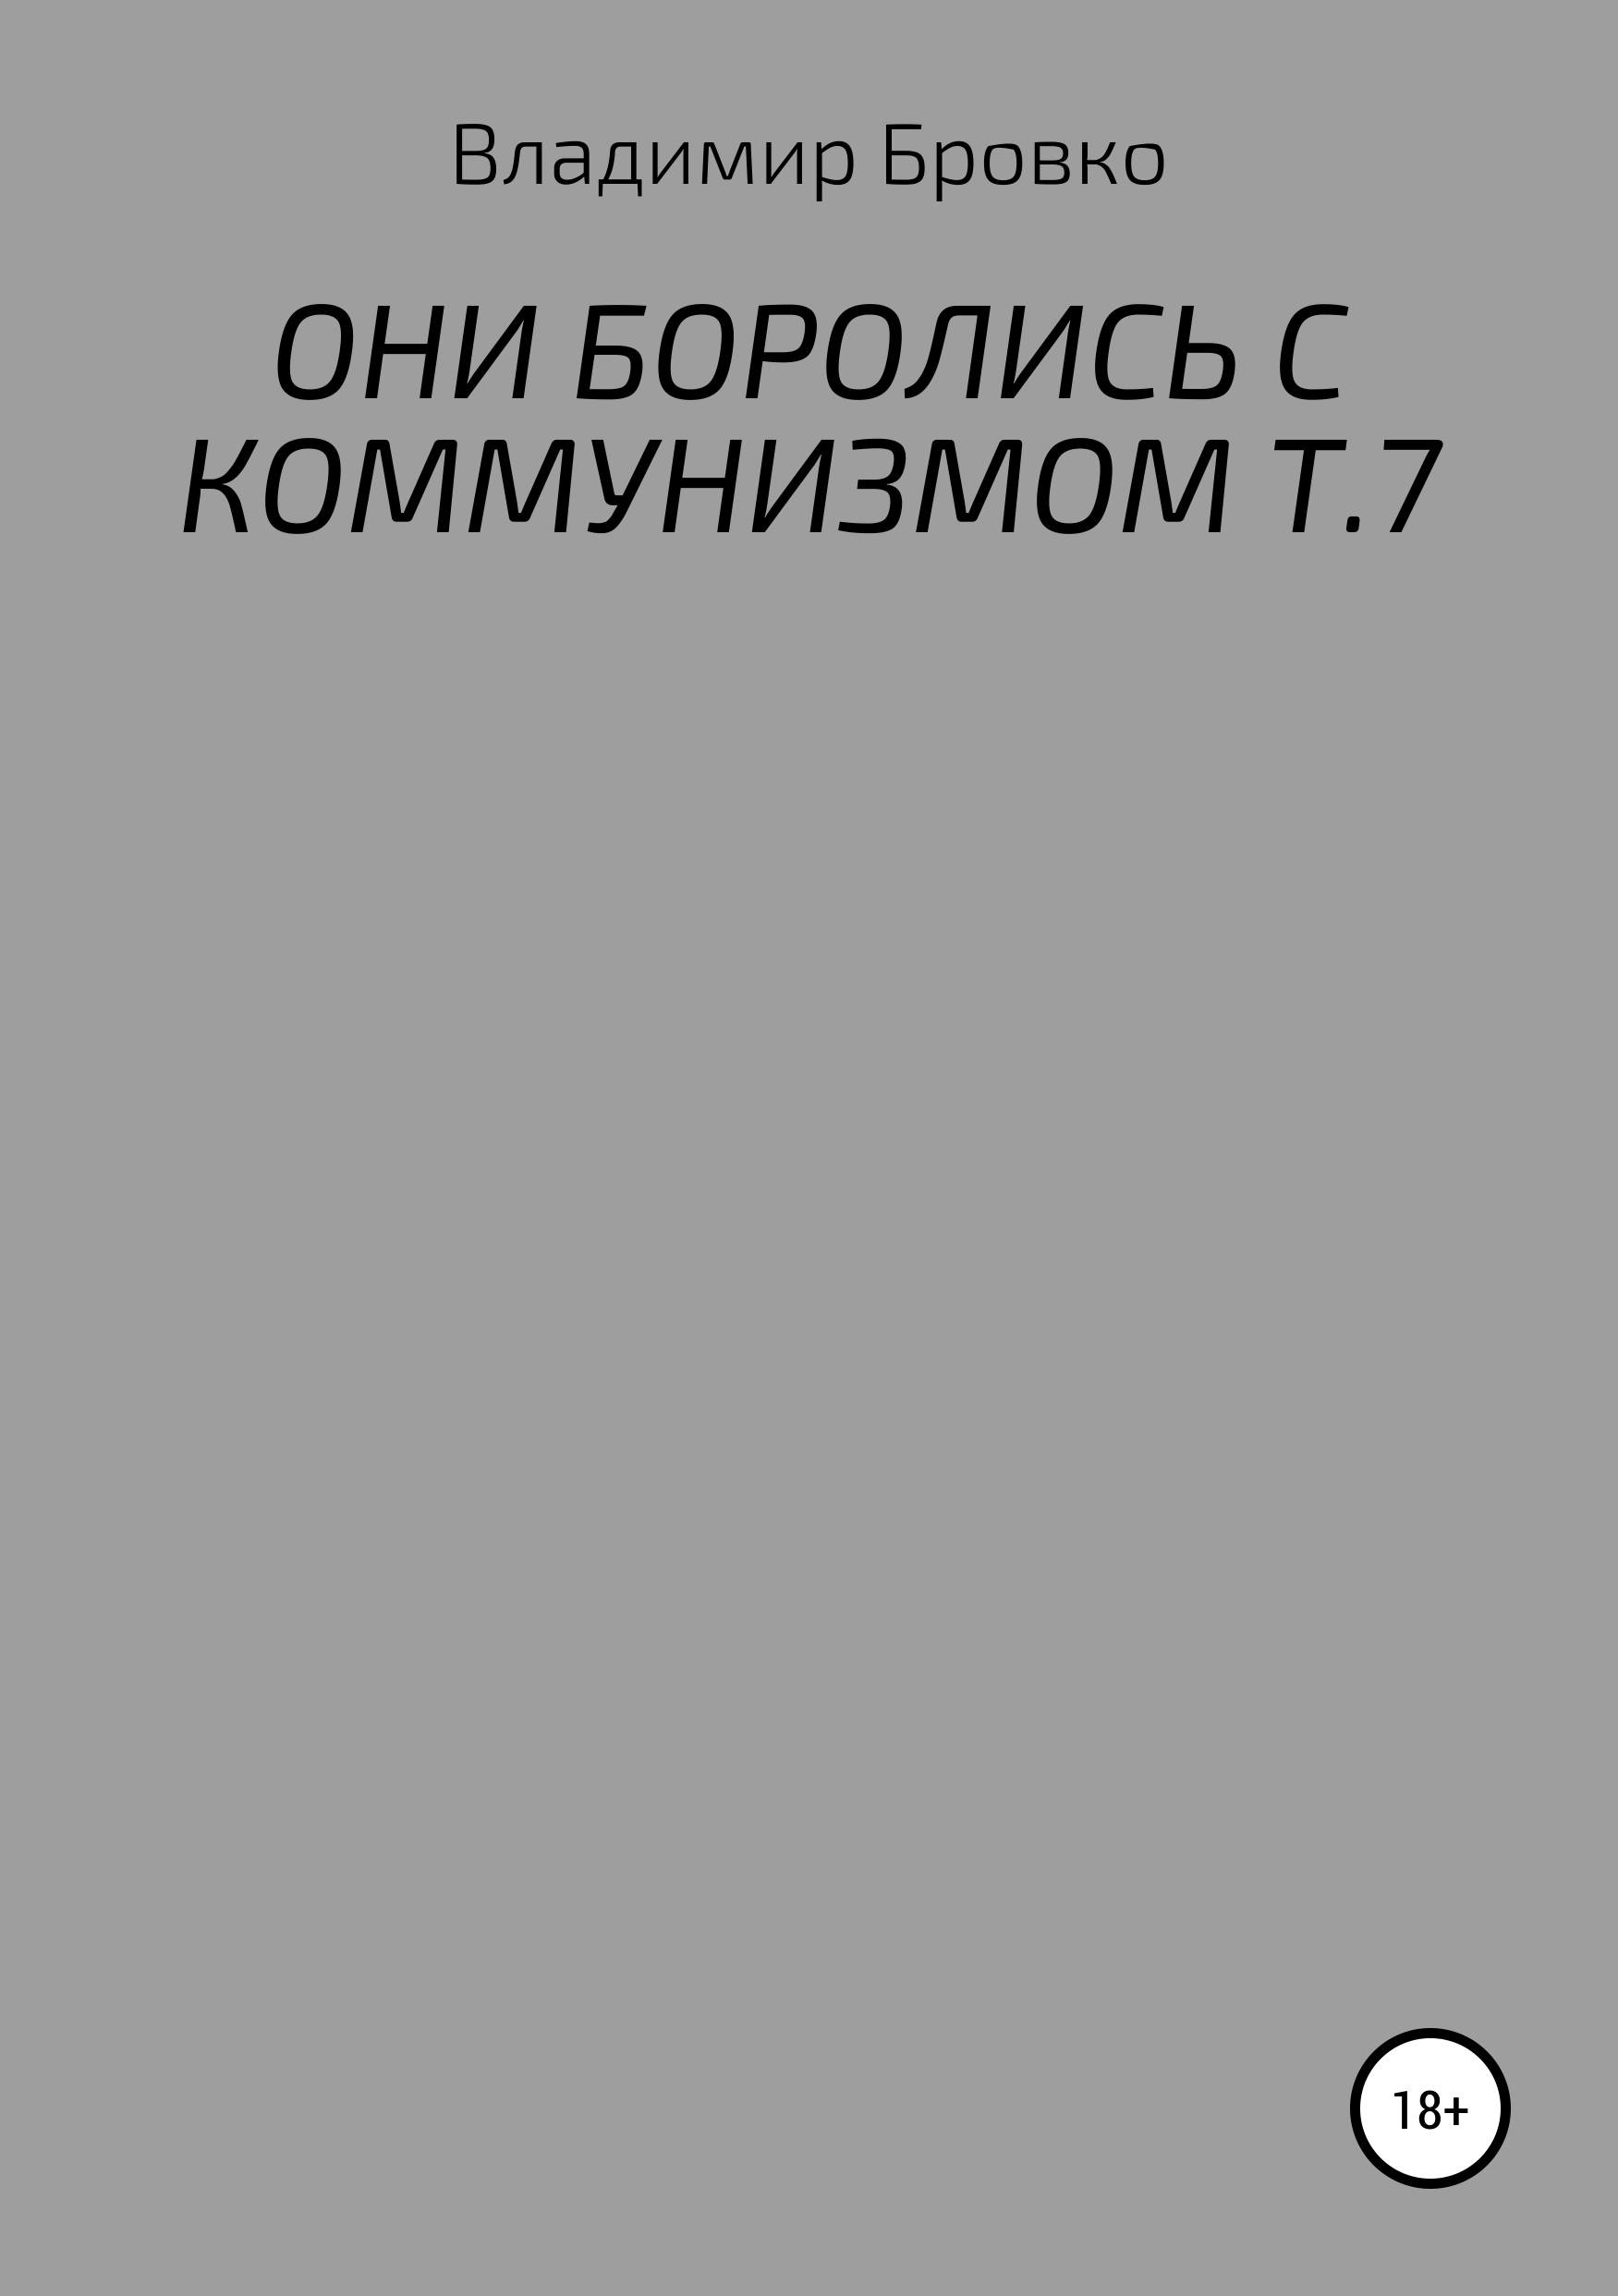 ОНИ БОРОЛИСЬ С КОММУНИЗМОМ Т.7